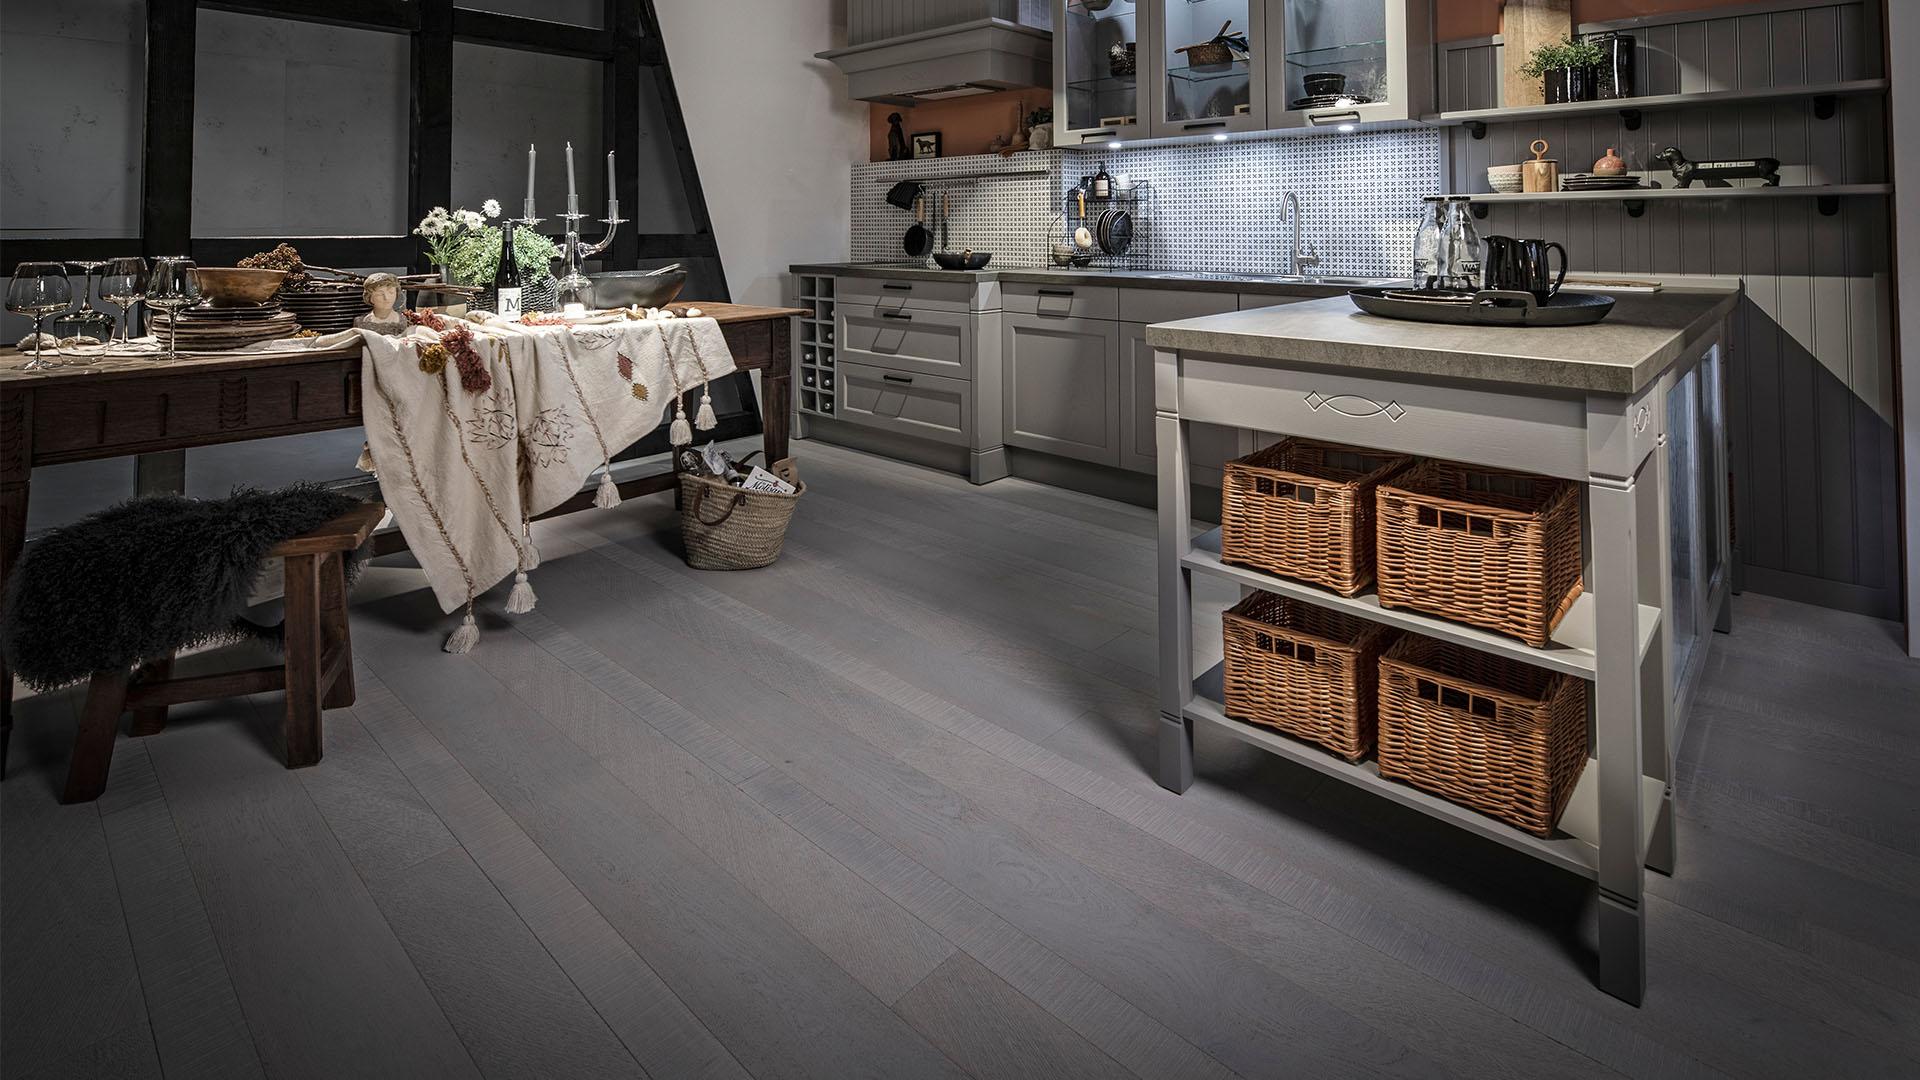 Full Size of Wir Brauchen Mehr Platz So Vergrerst Du Deine Kche Landhausküche Grau Vorratsdosen Küche Günstig Mit Elektrogeräten Doppelblock Hochglanz Küche Küche Erweitern